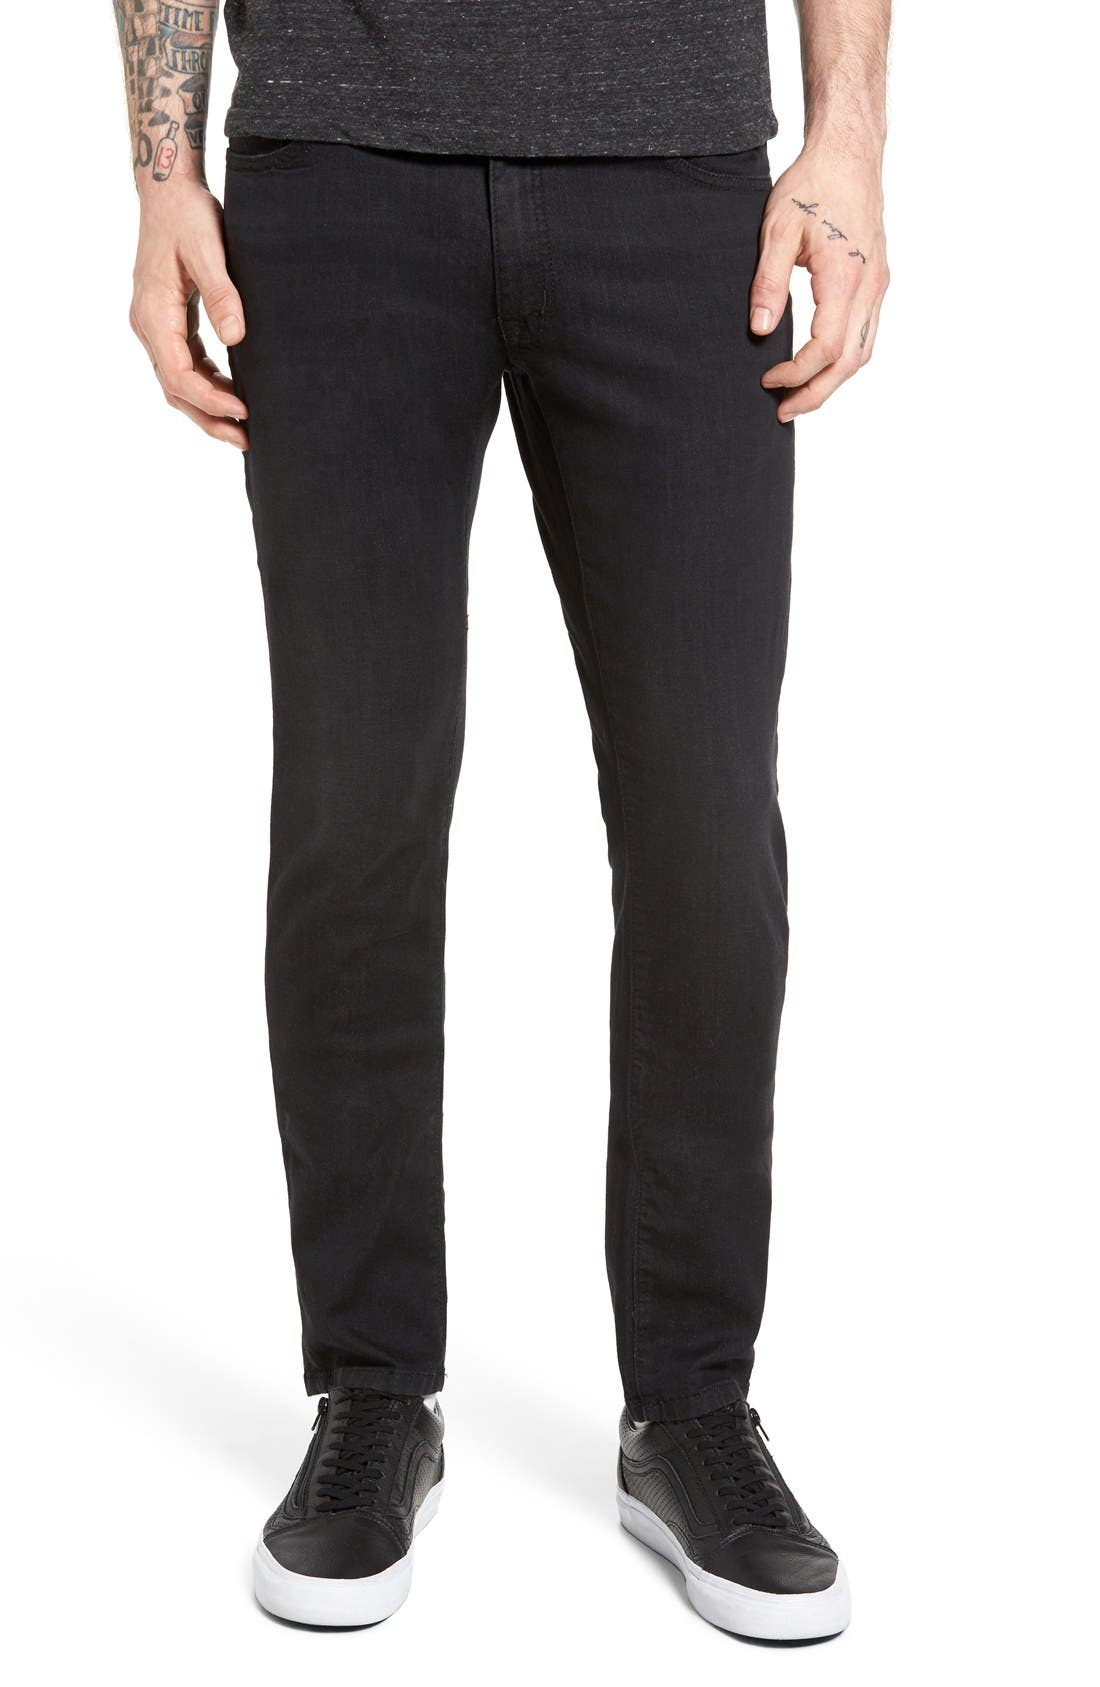 Torino Slim Fit Jeans,                             Main thumbnail 1, color,                             Raven Black